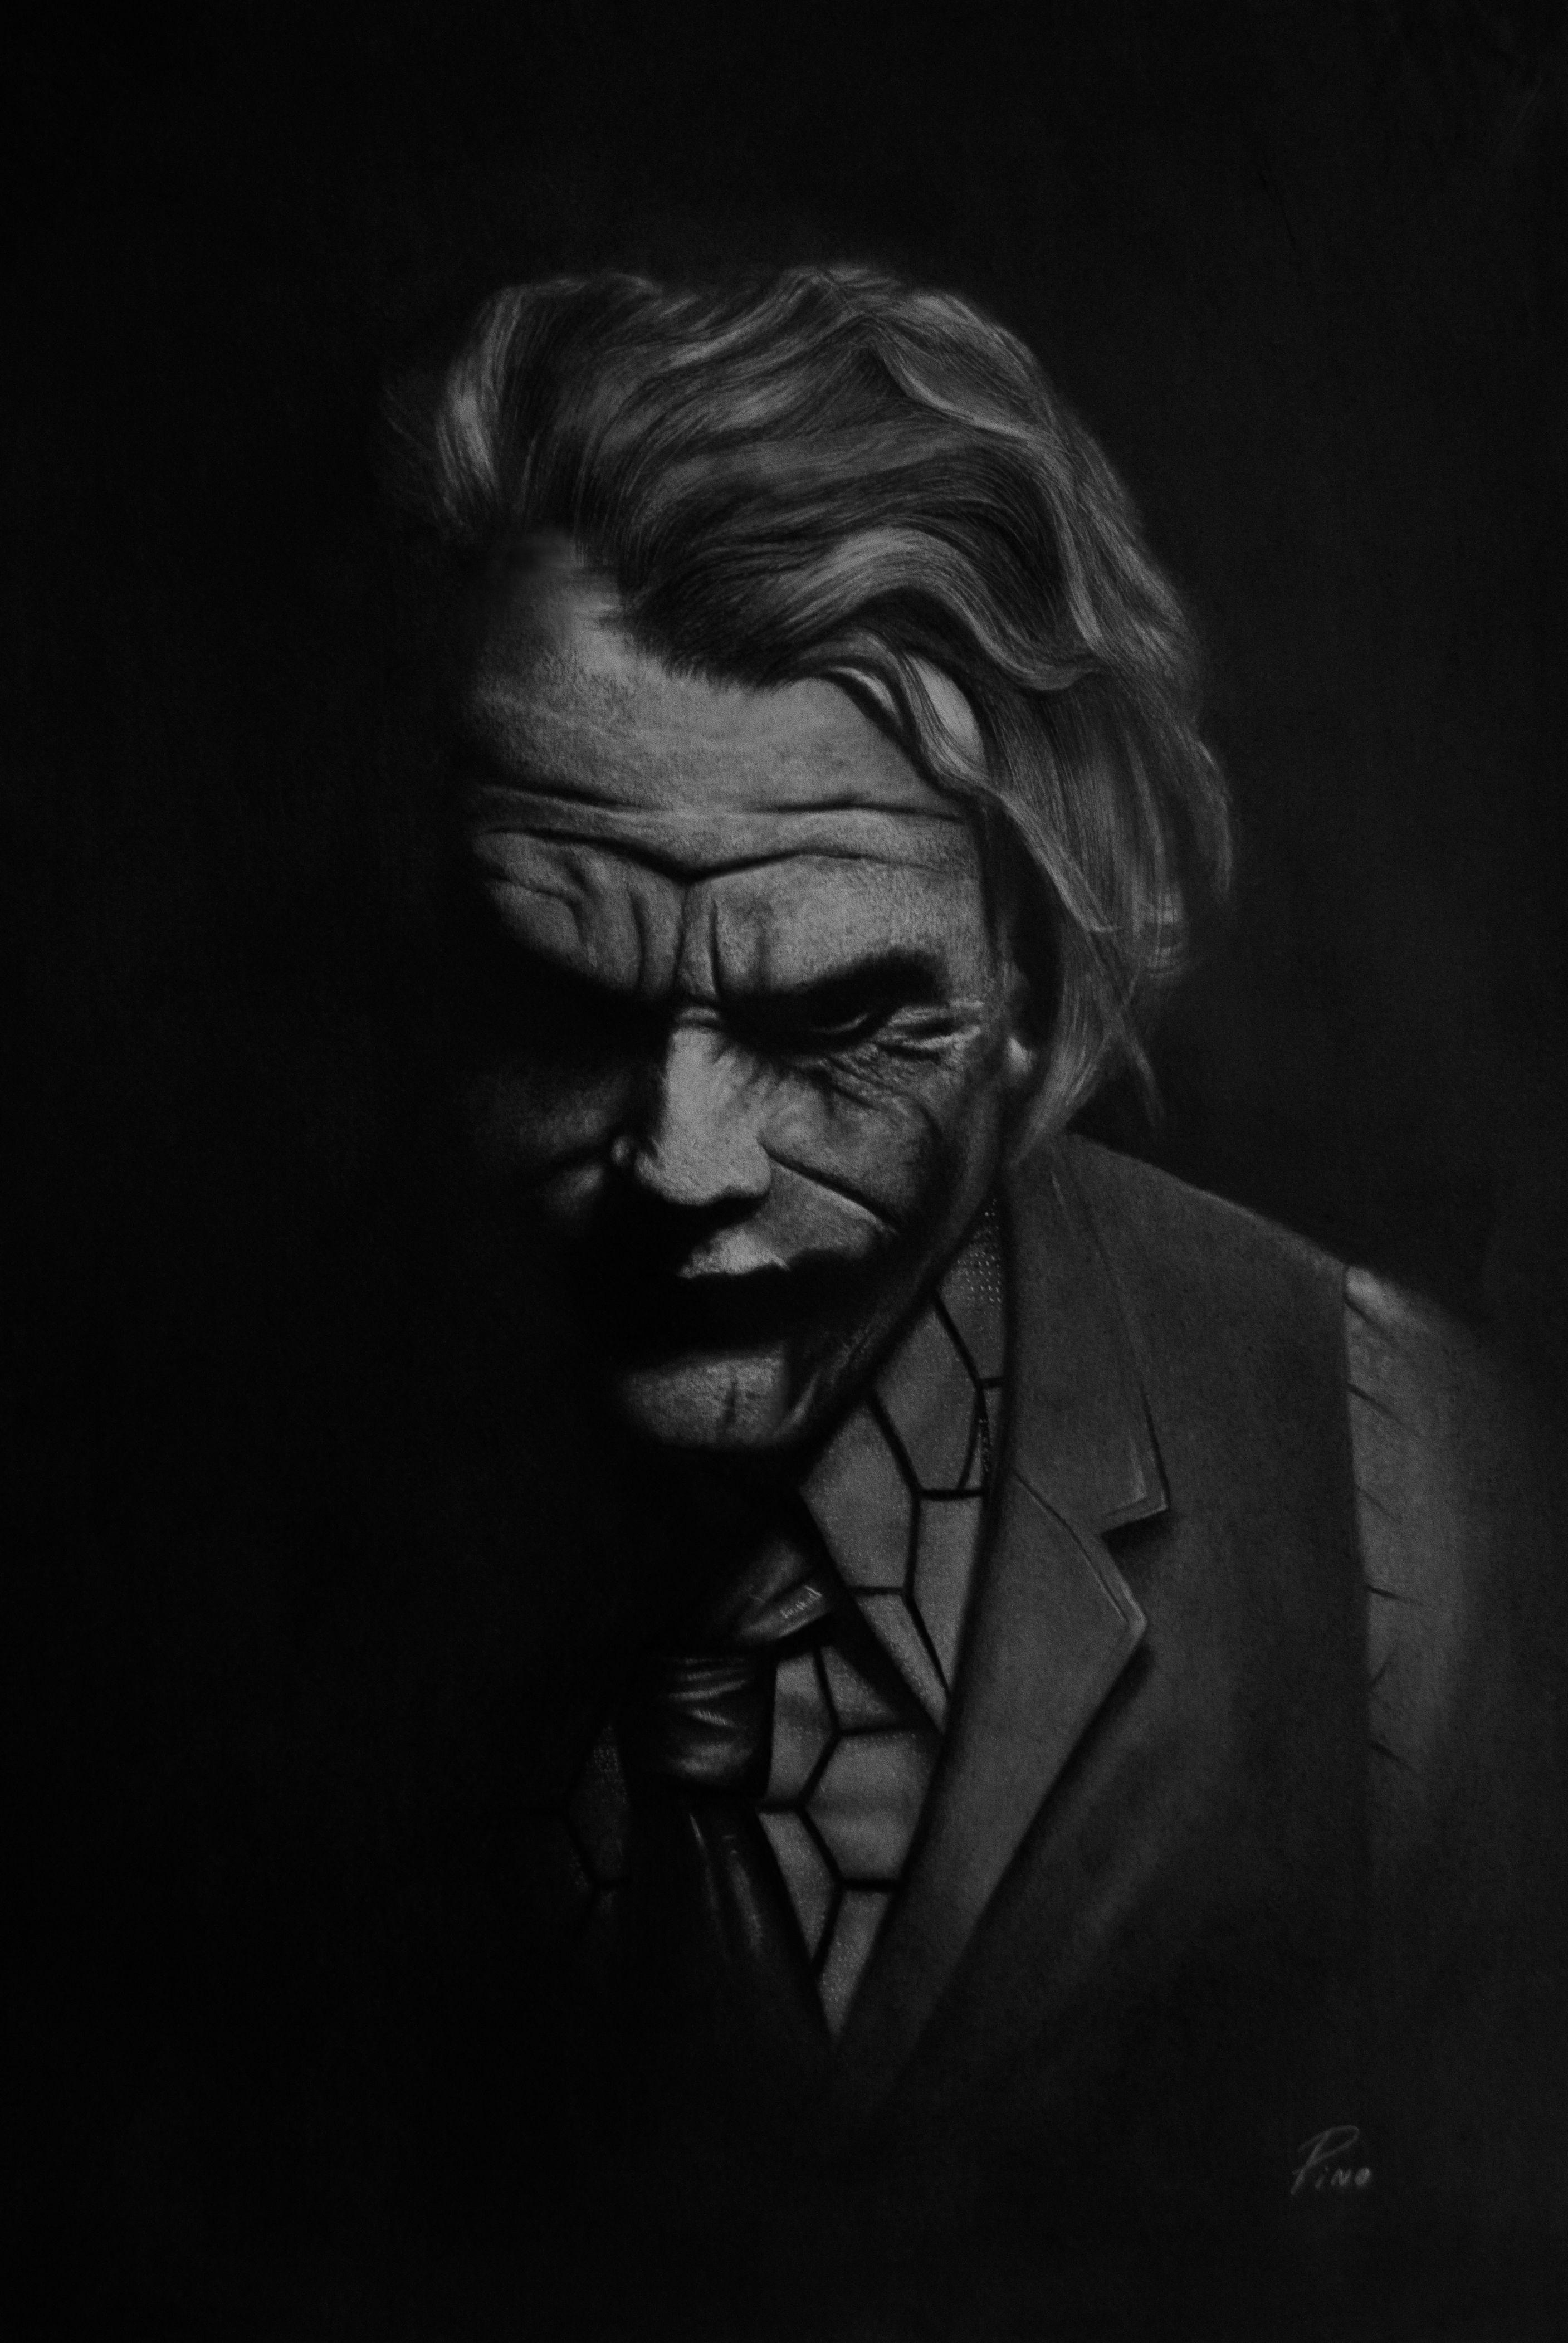 Joker Por Mi Medida 50x35 Cm Grafito Y Carbonilla En Venta Joker Dibujos Carbon